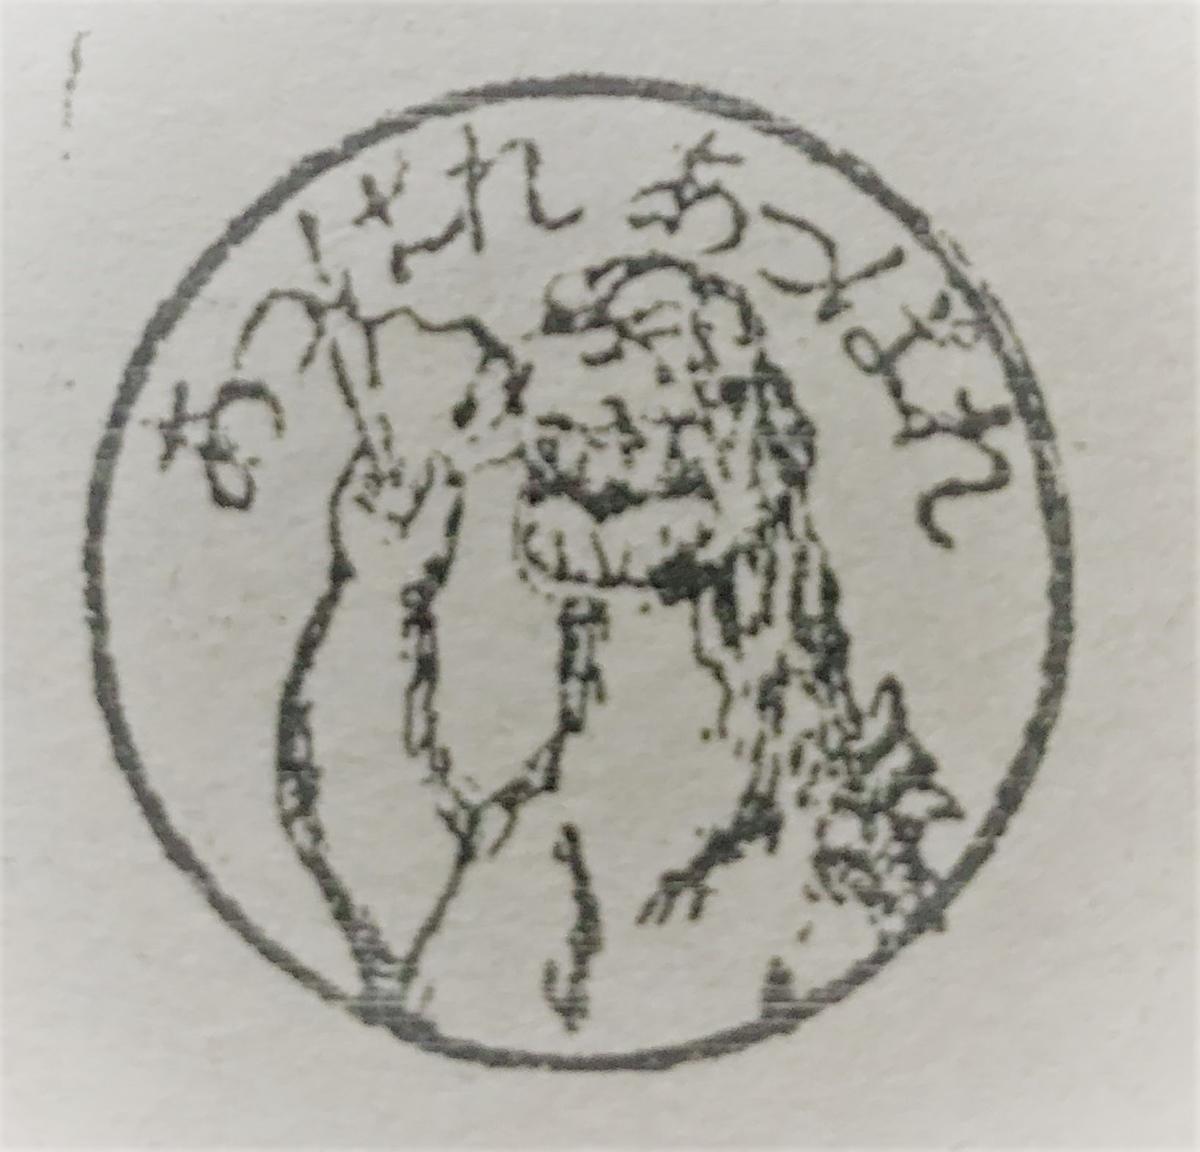 f:id:toshioh:20200212213641j:plain